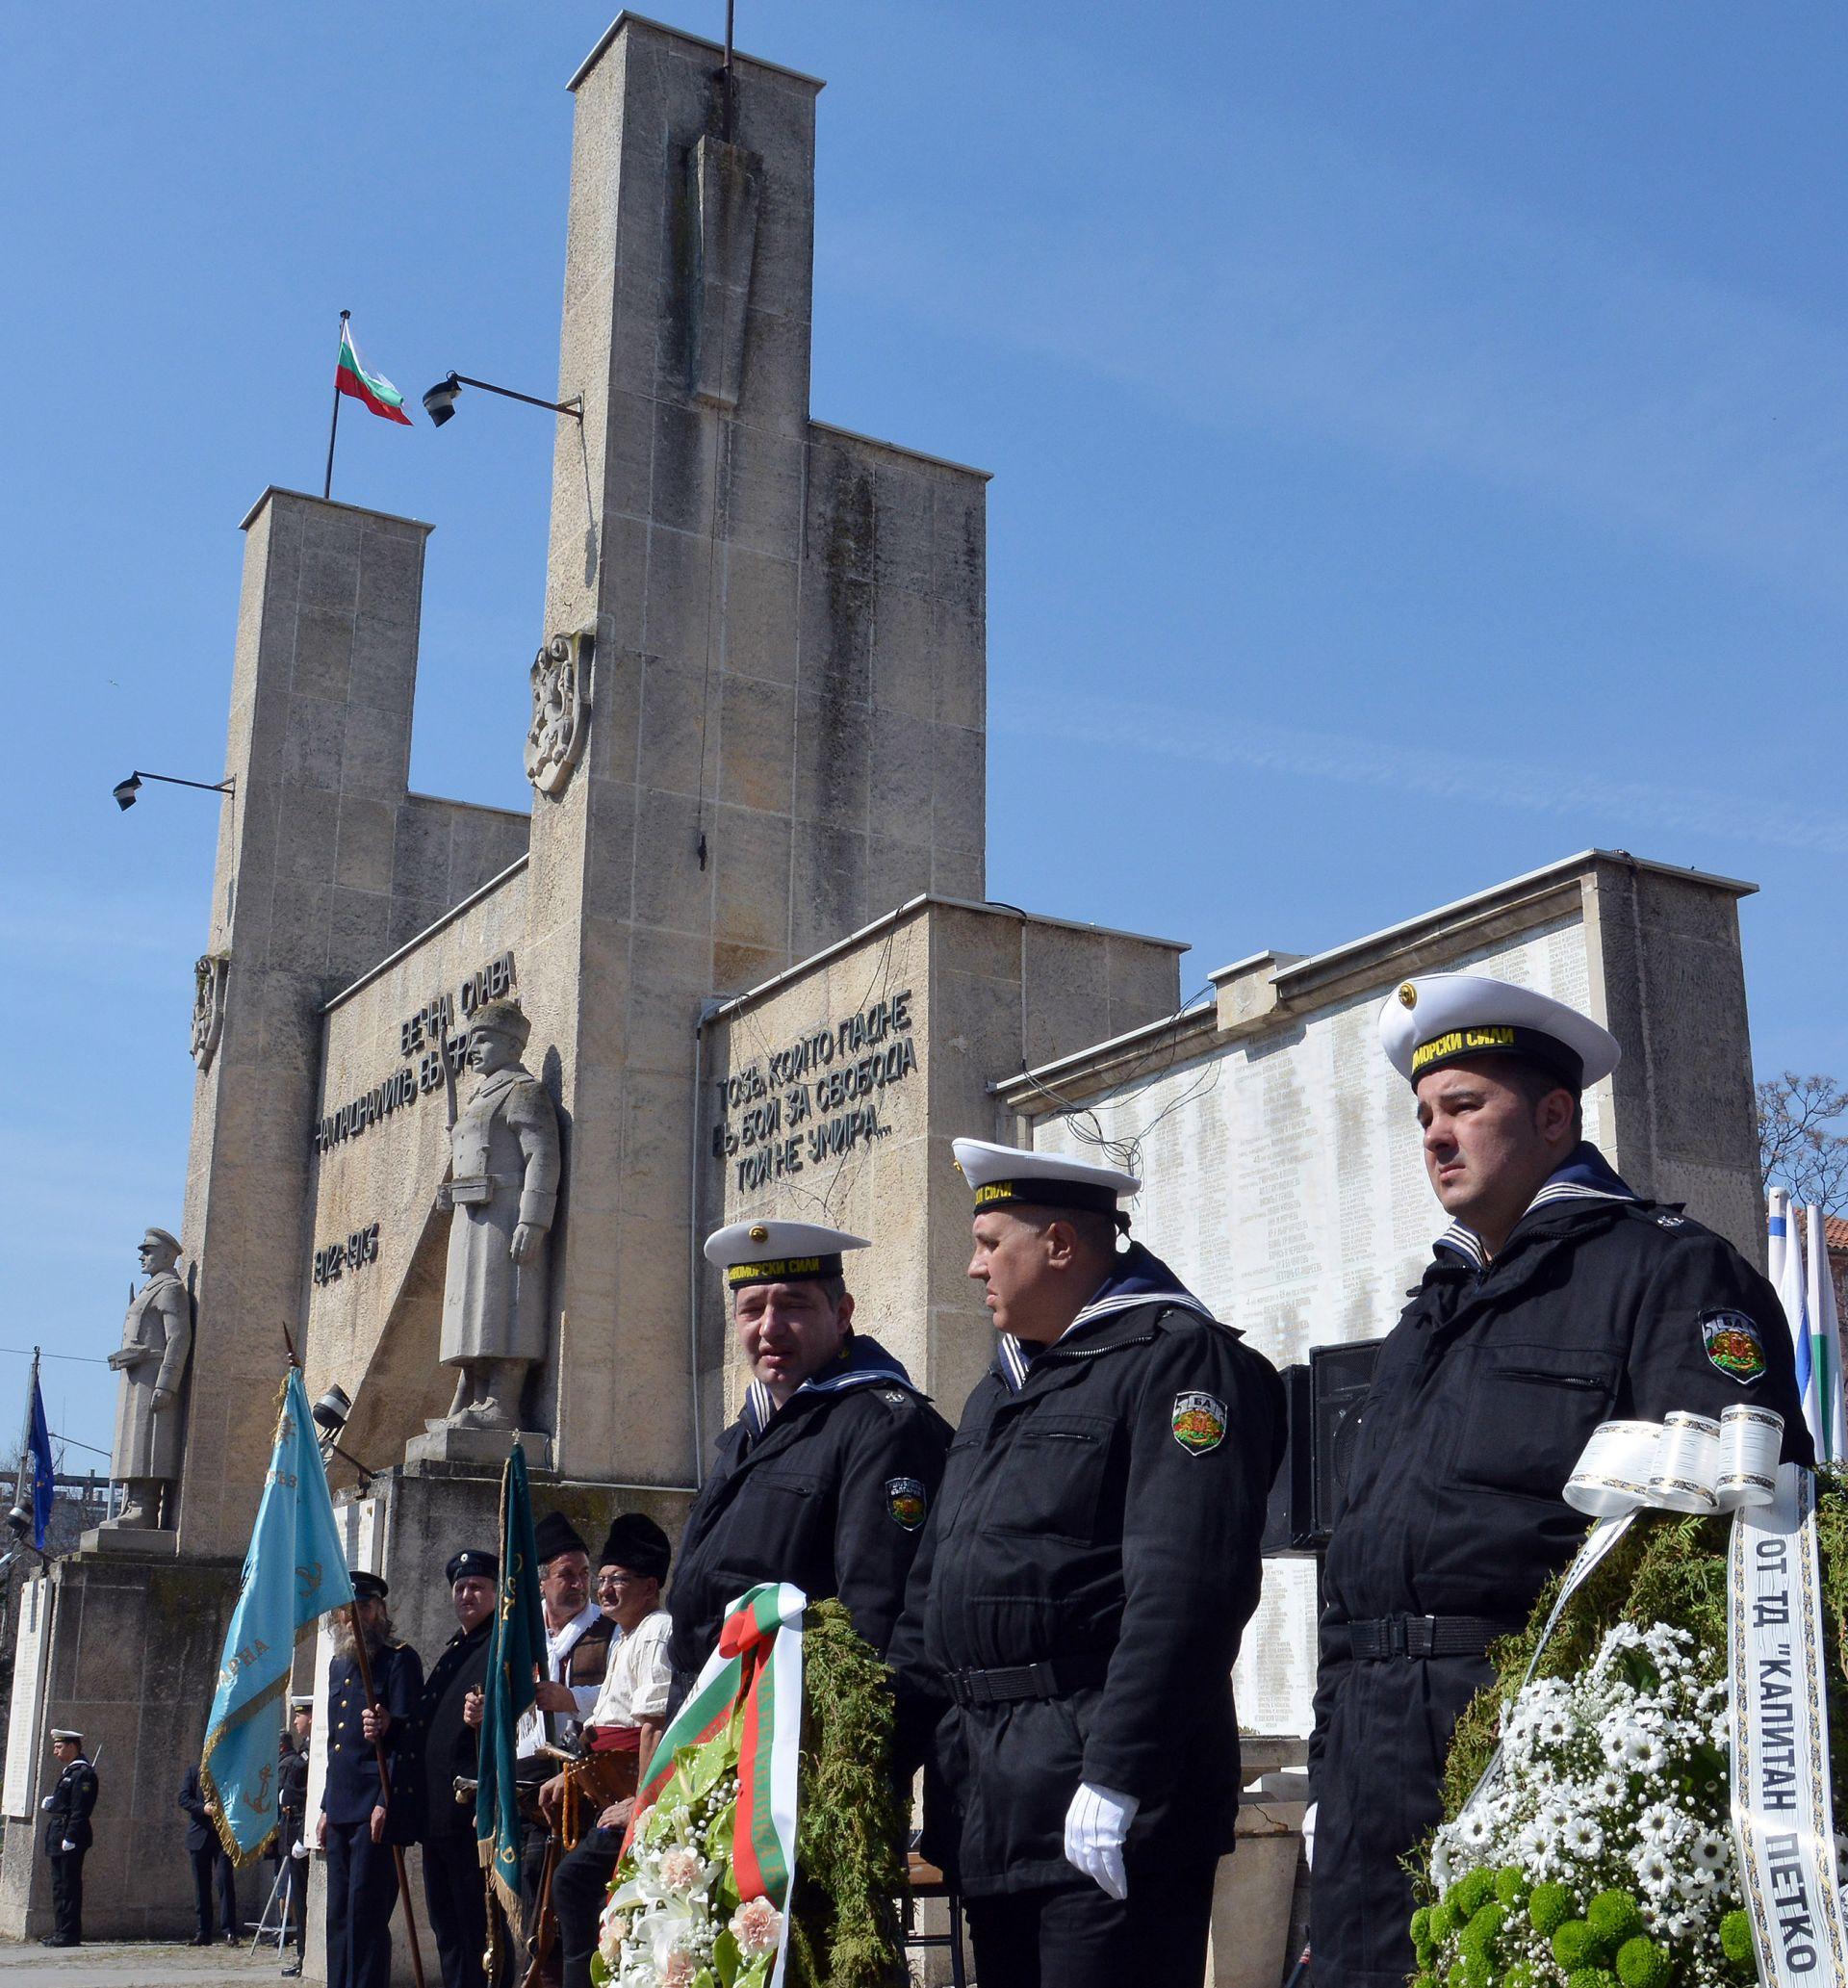 Пред Арката на 8-ми приморски пехотен полк във Варна се състоя церемония по отбелязването на 106-ата годишнина от превземането на Одринската крепост и Деня на Тракия